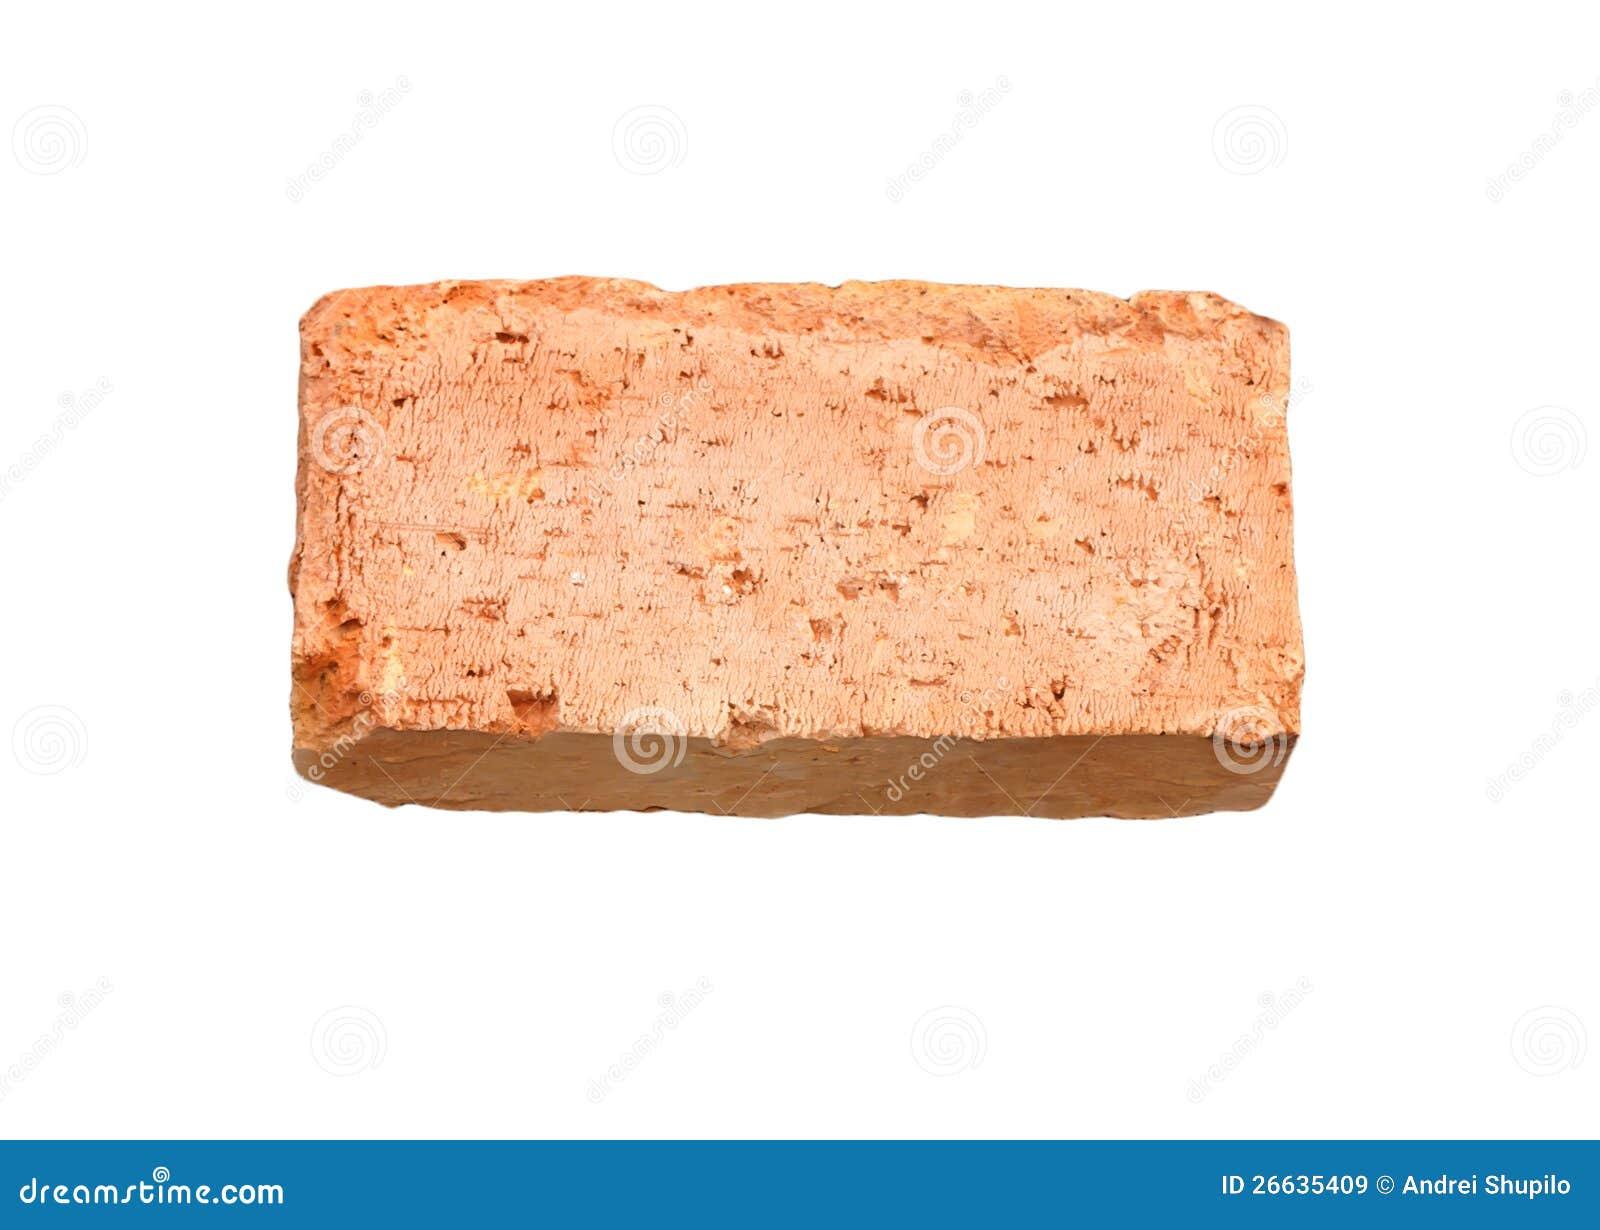 one brick height